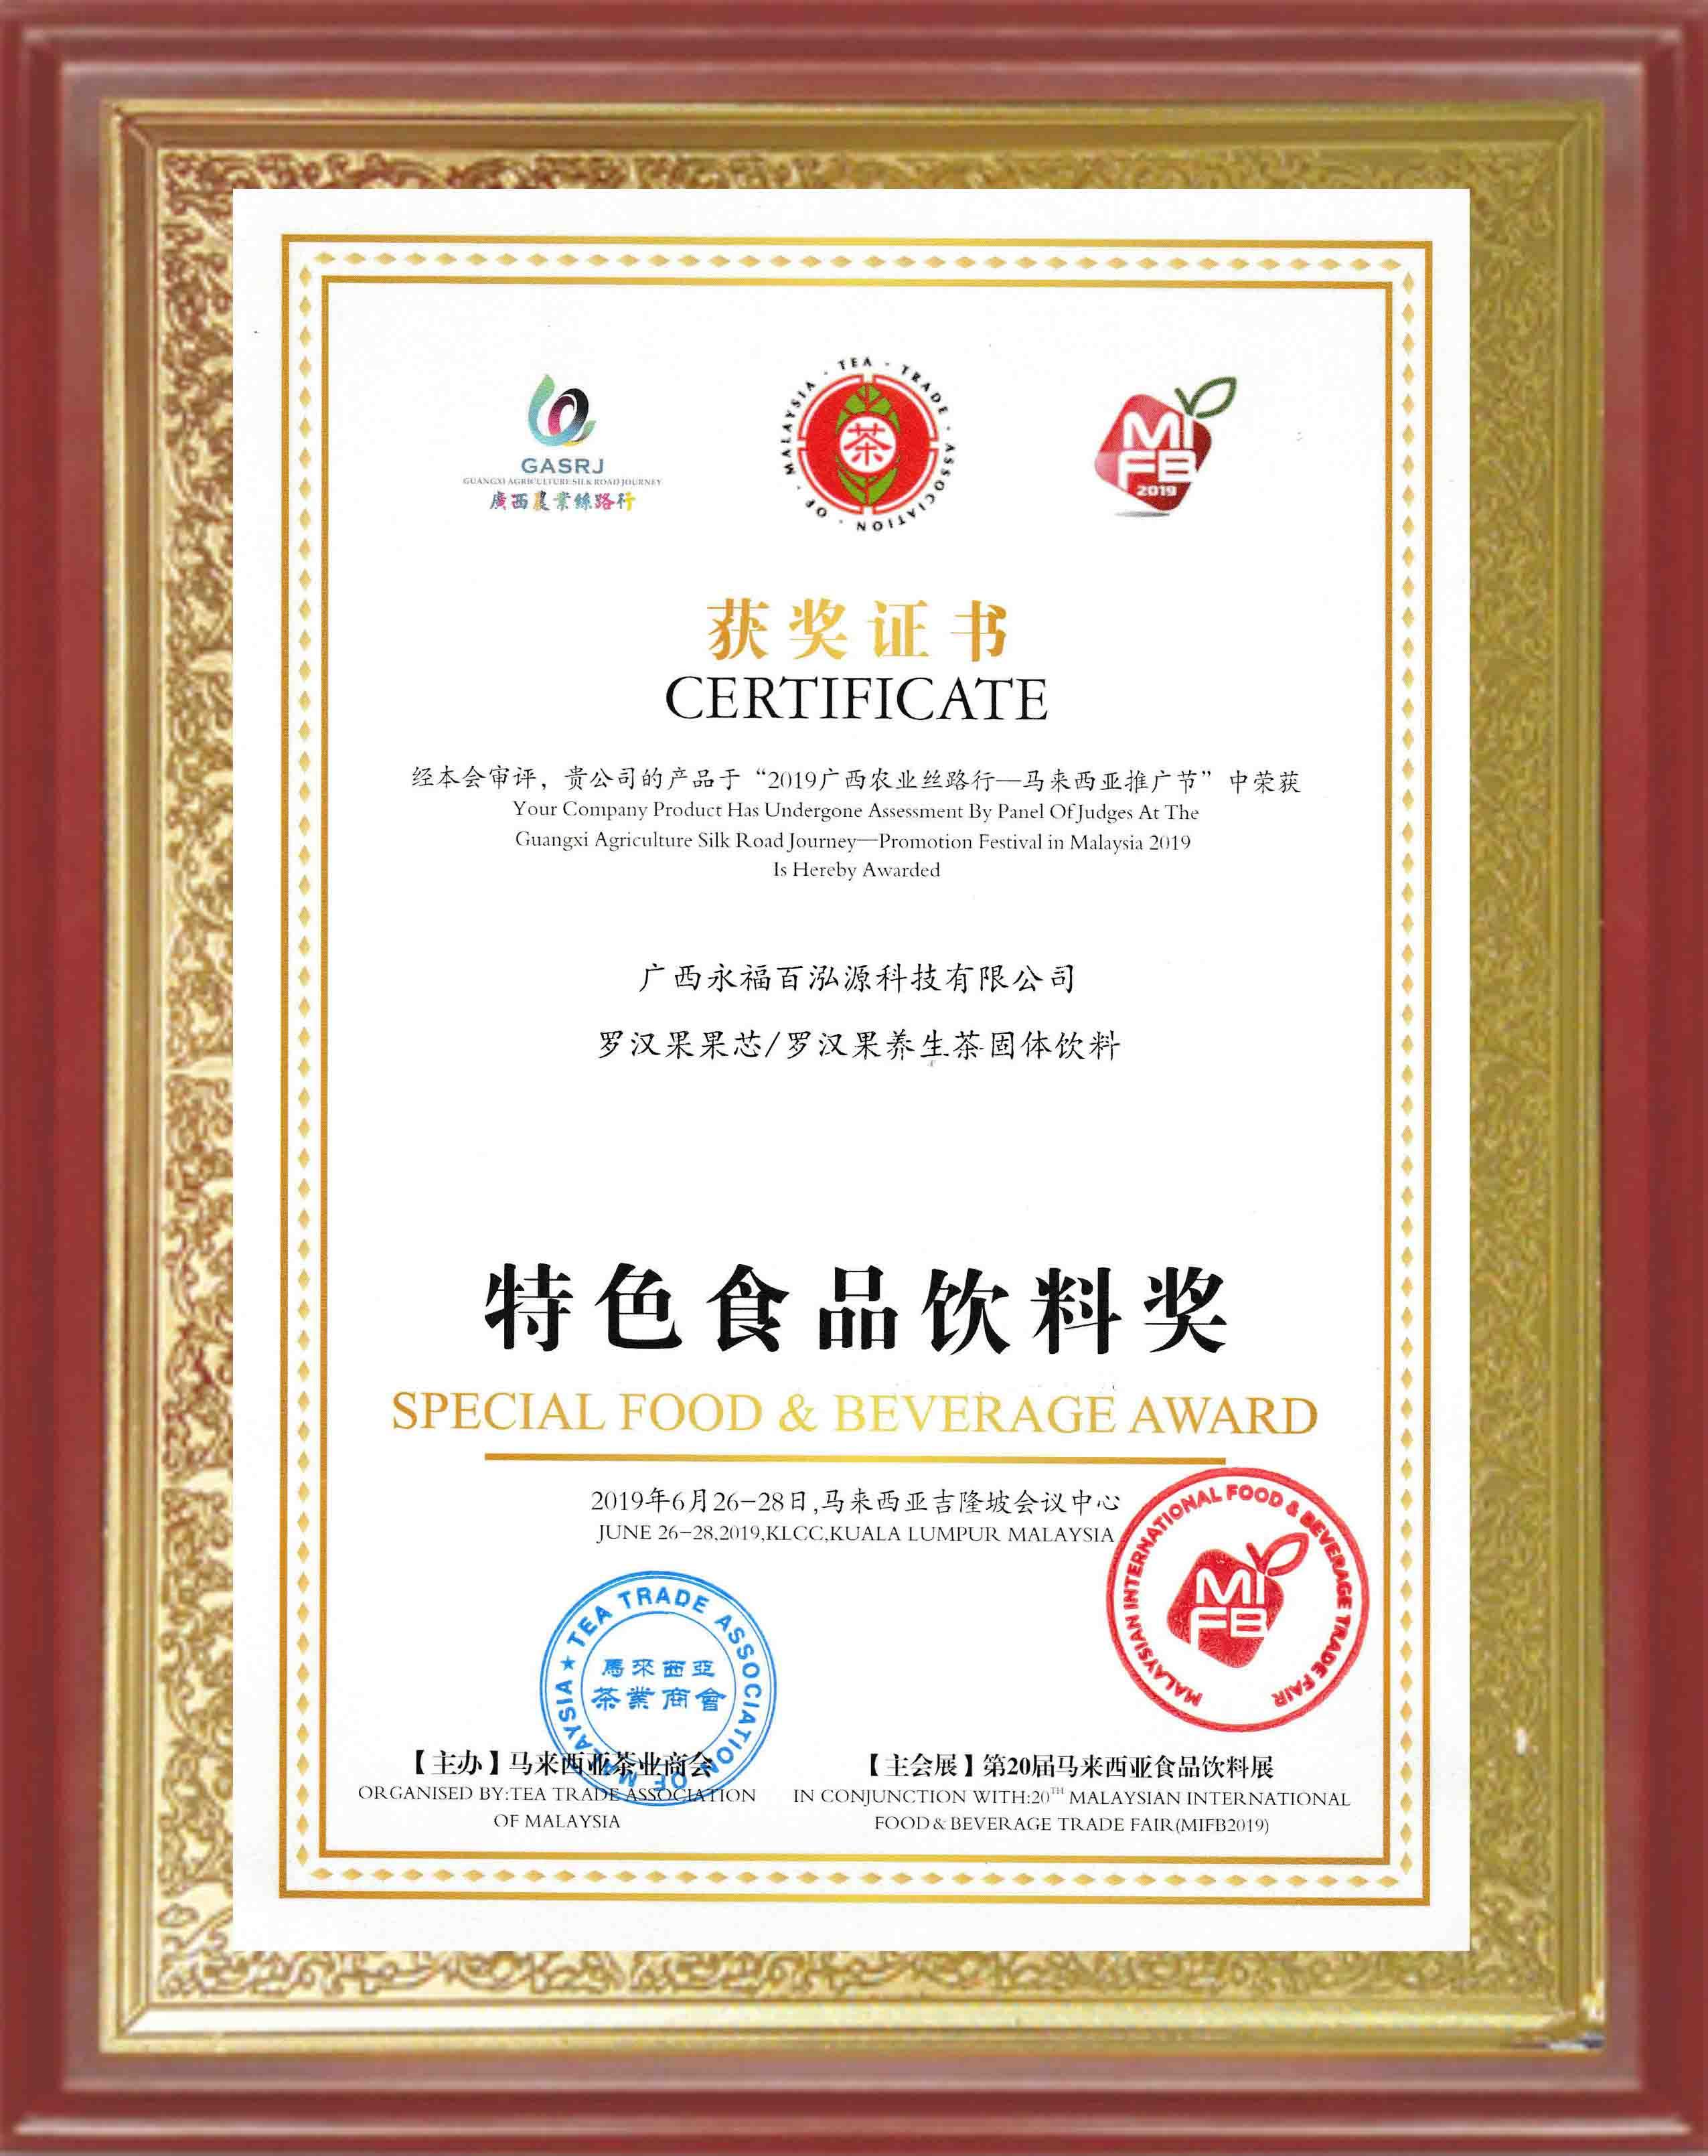 馬來西亞特色食品飲料獎